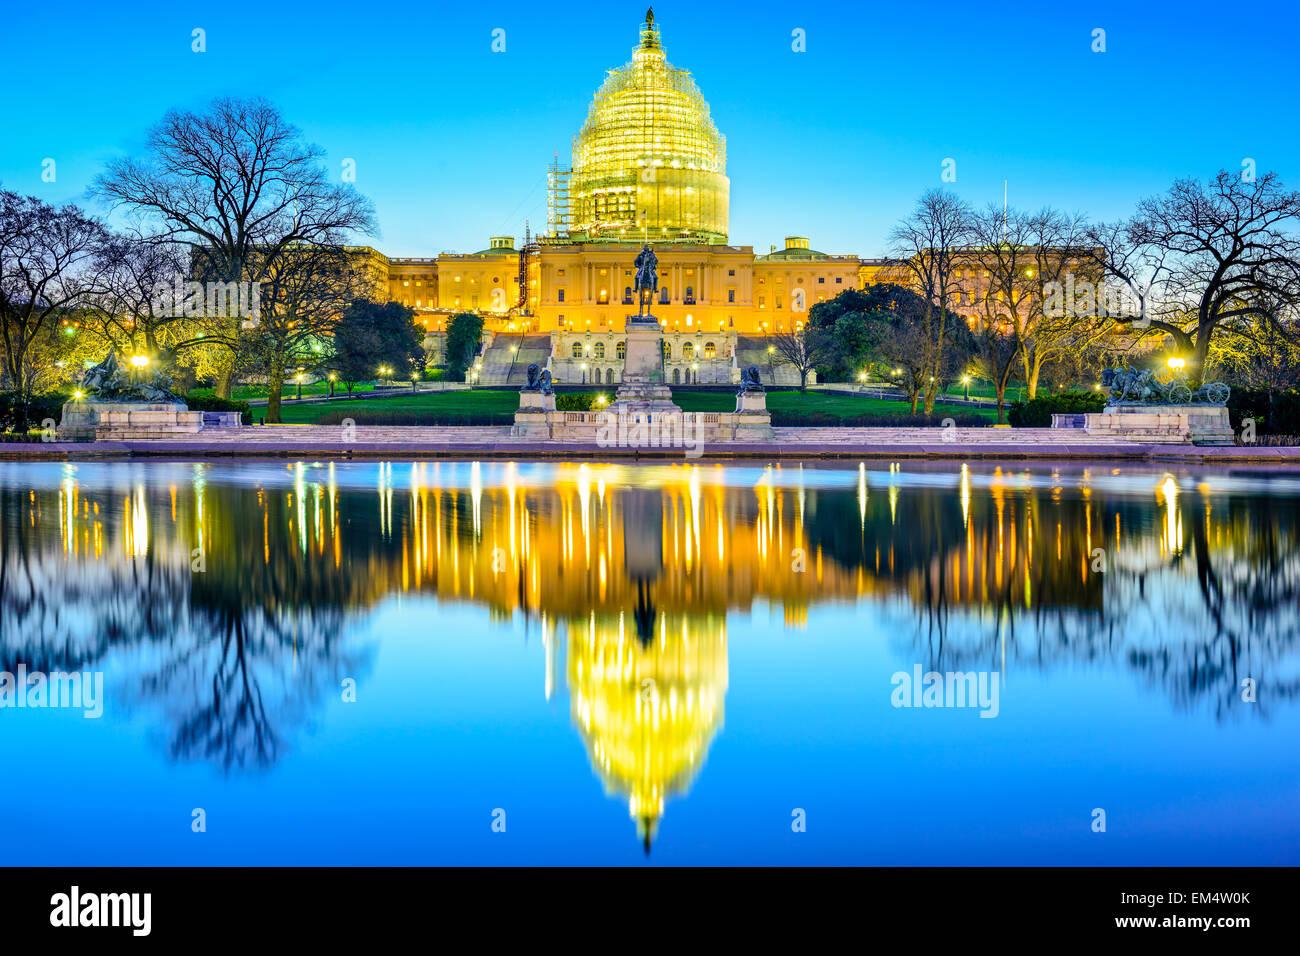 Washington, D.C., en el Edificio del Capitolio. Imagen De Stock